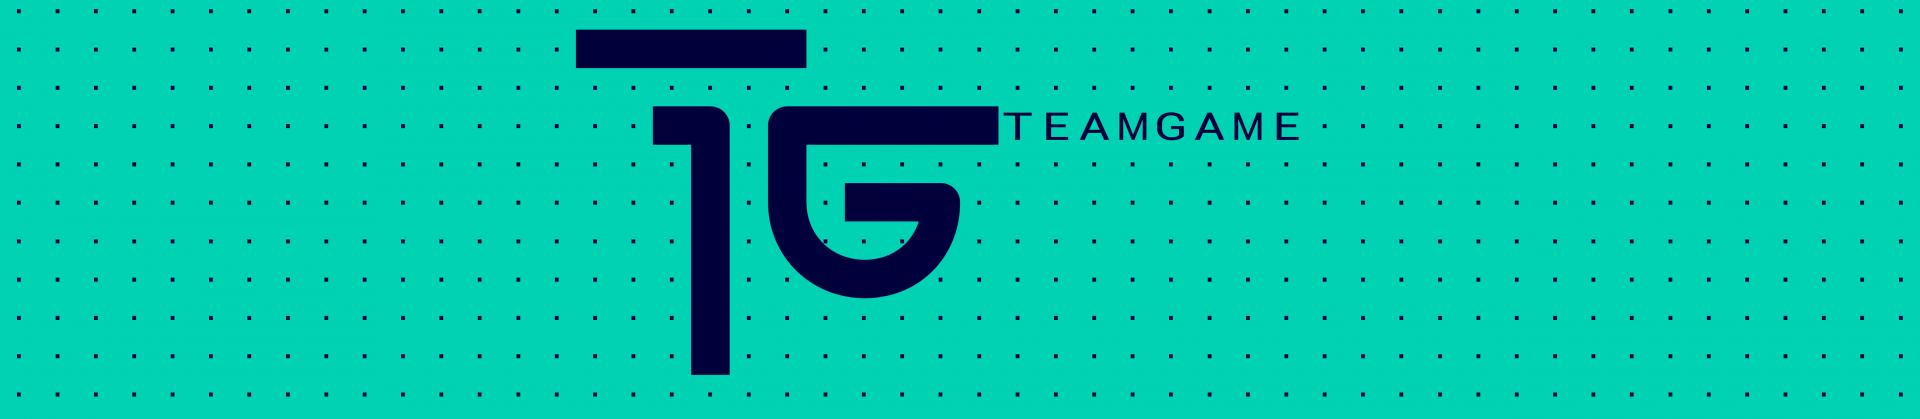 TeamGame